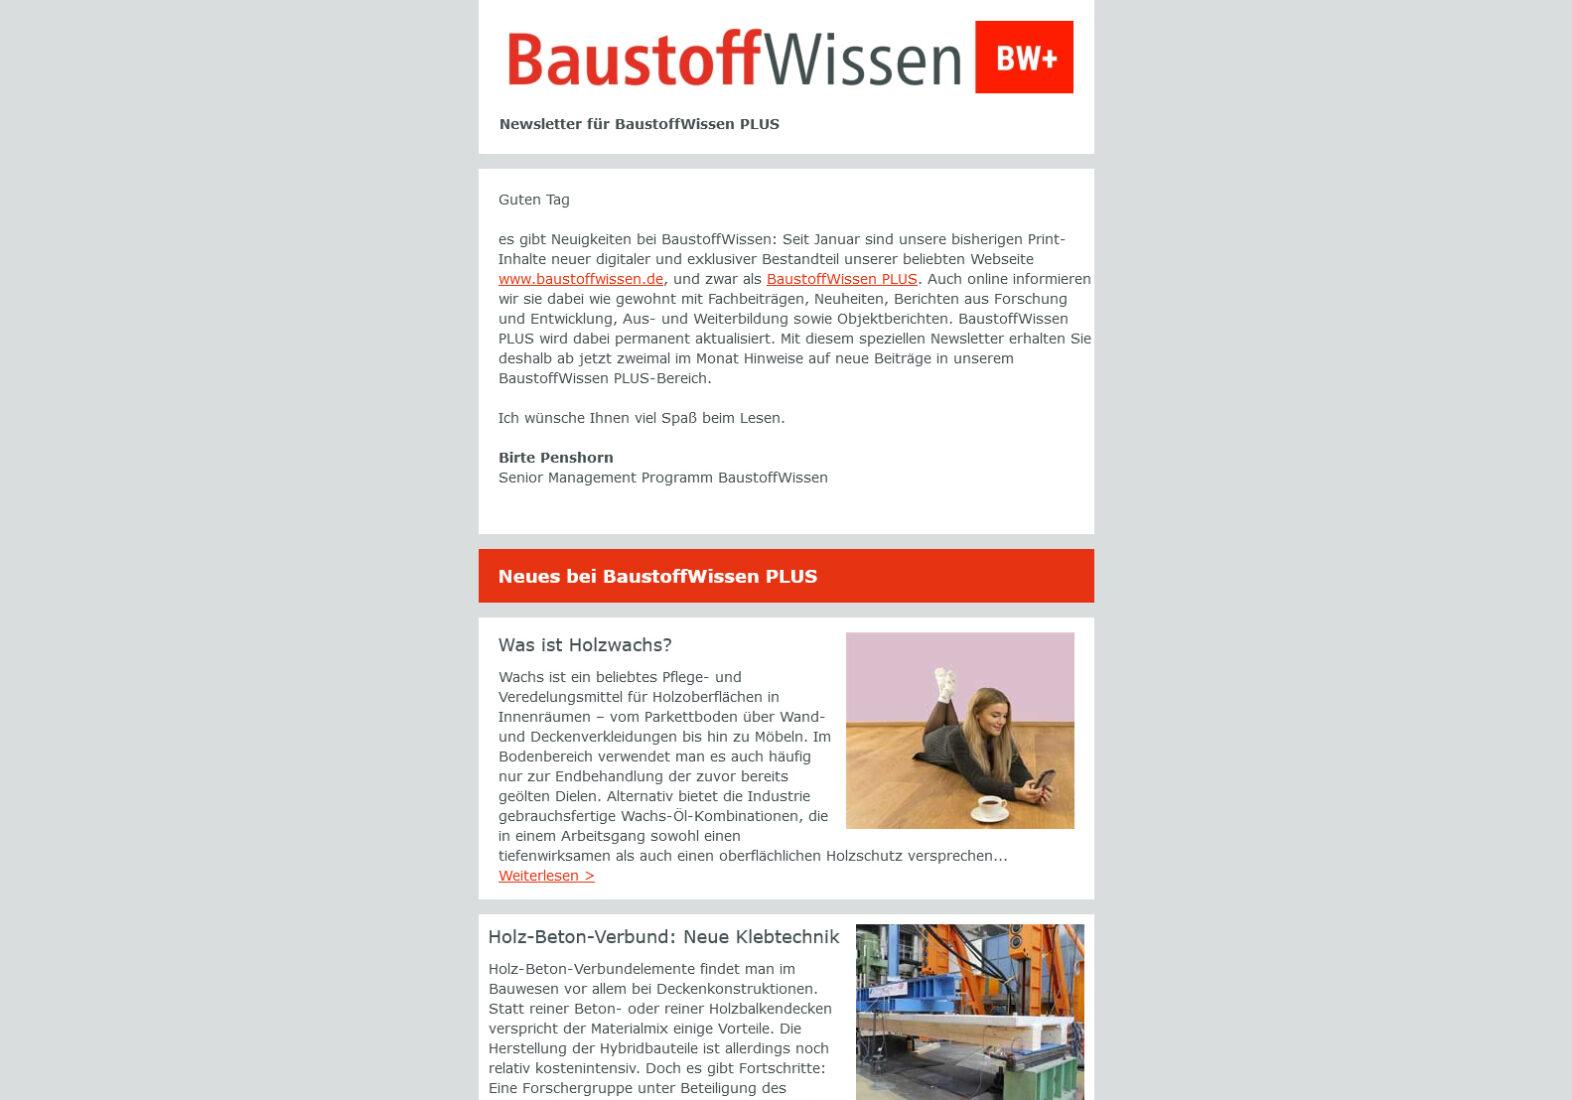 BaustoffWissen PLUS Newsletter